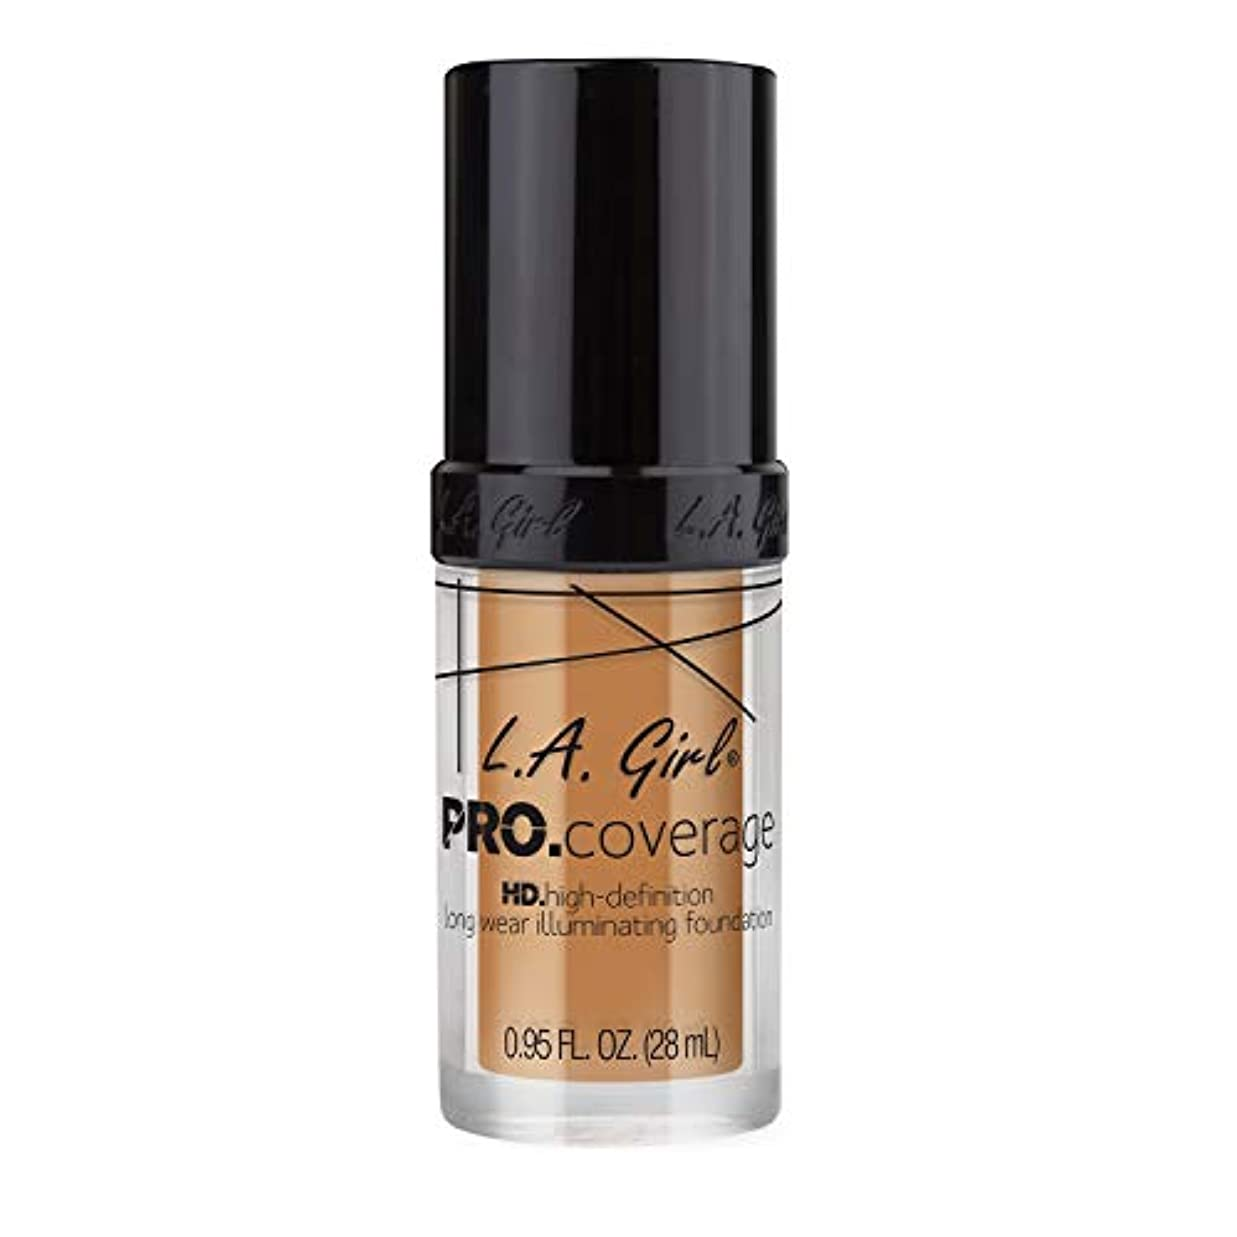 ガロン廃棄アマチュア海外直送品 L.A. Girl Pro Coverage Liquid Foundation 28ml, Nude Beige